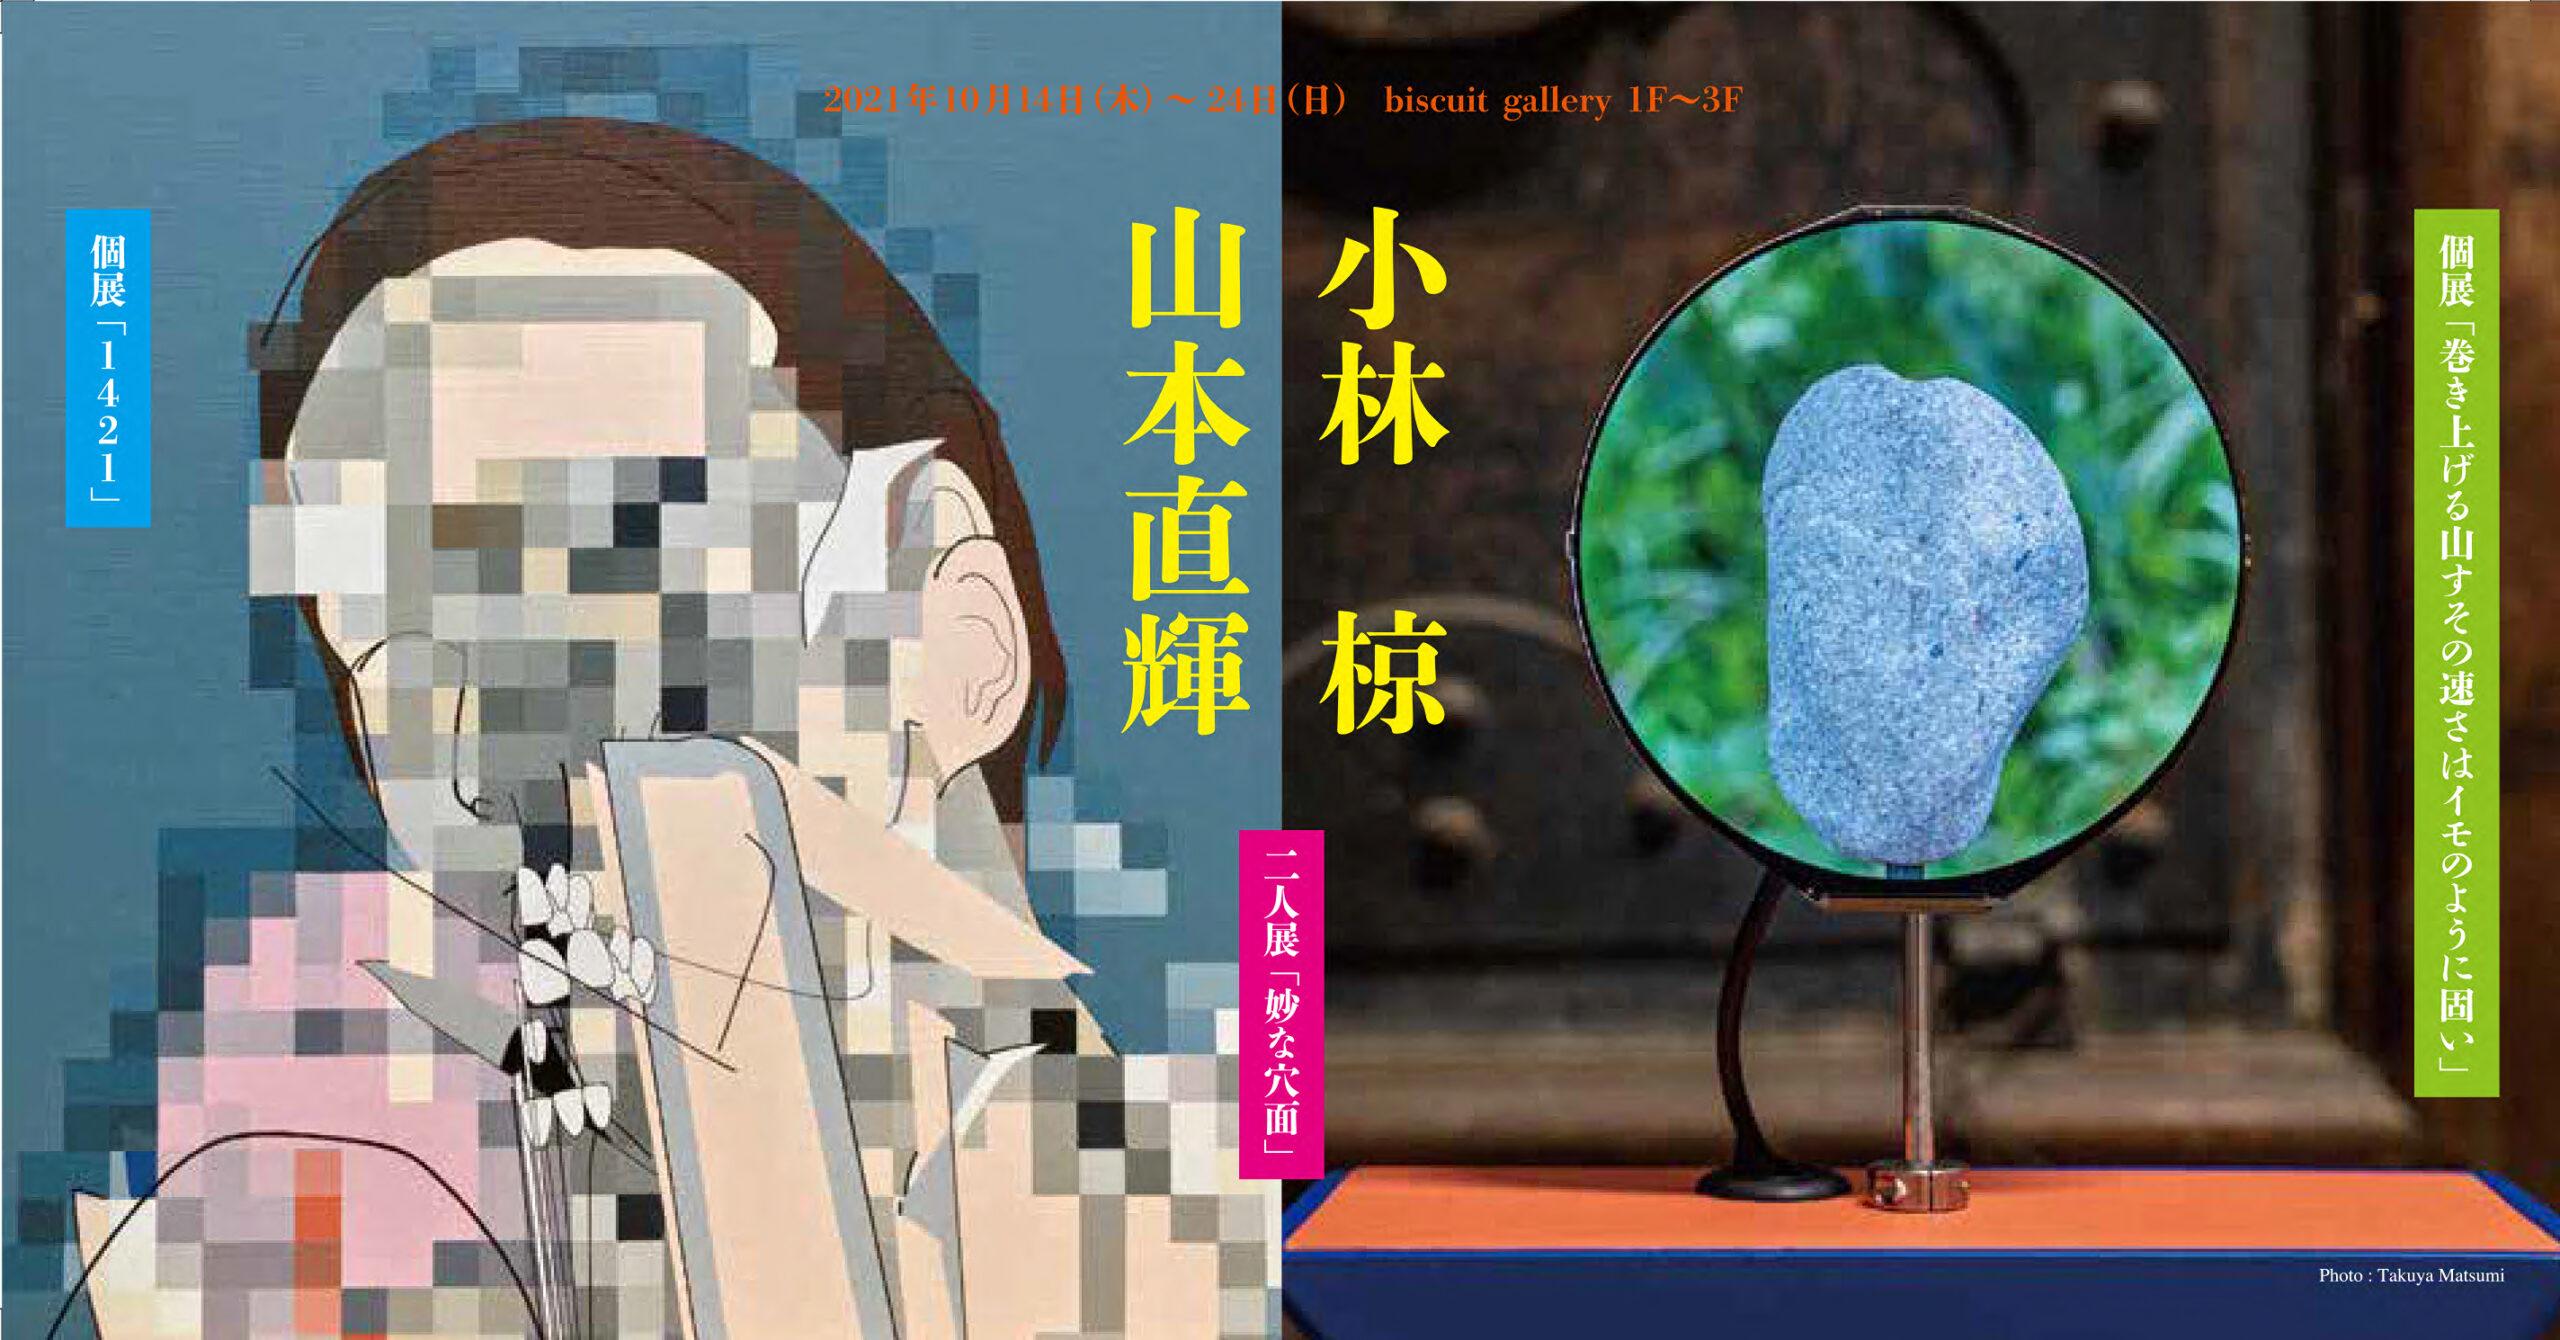 【2人展】小林椋×山本直輝「妙な穴面」